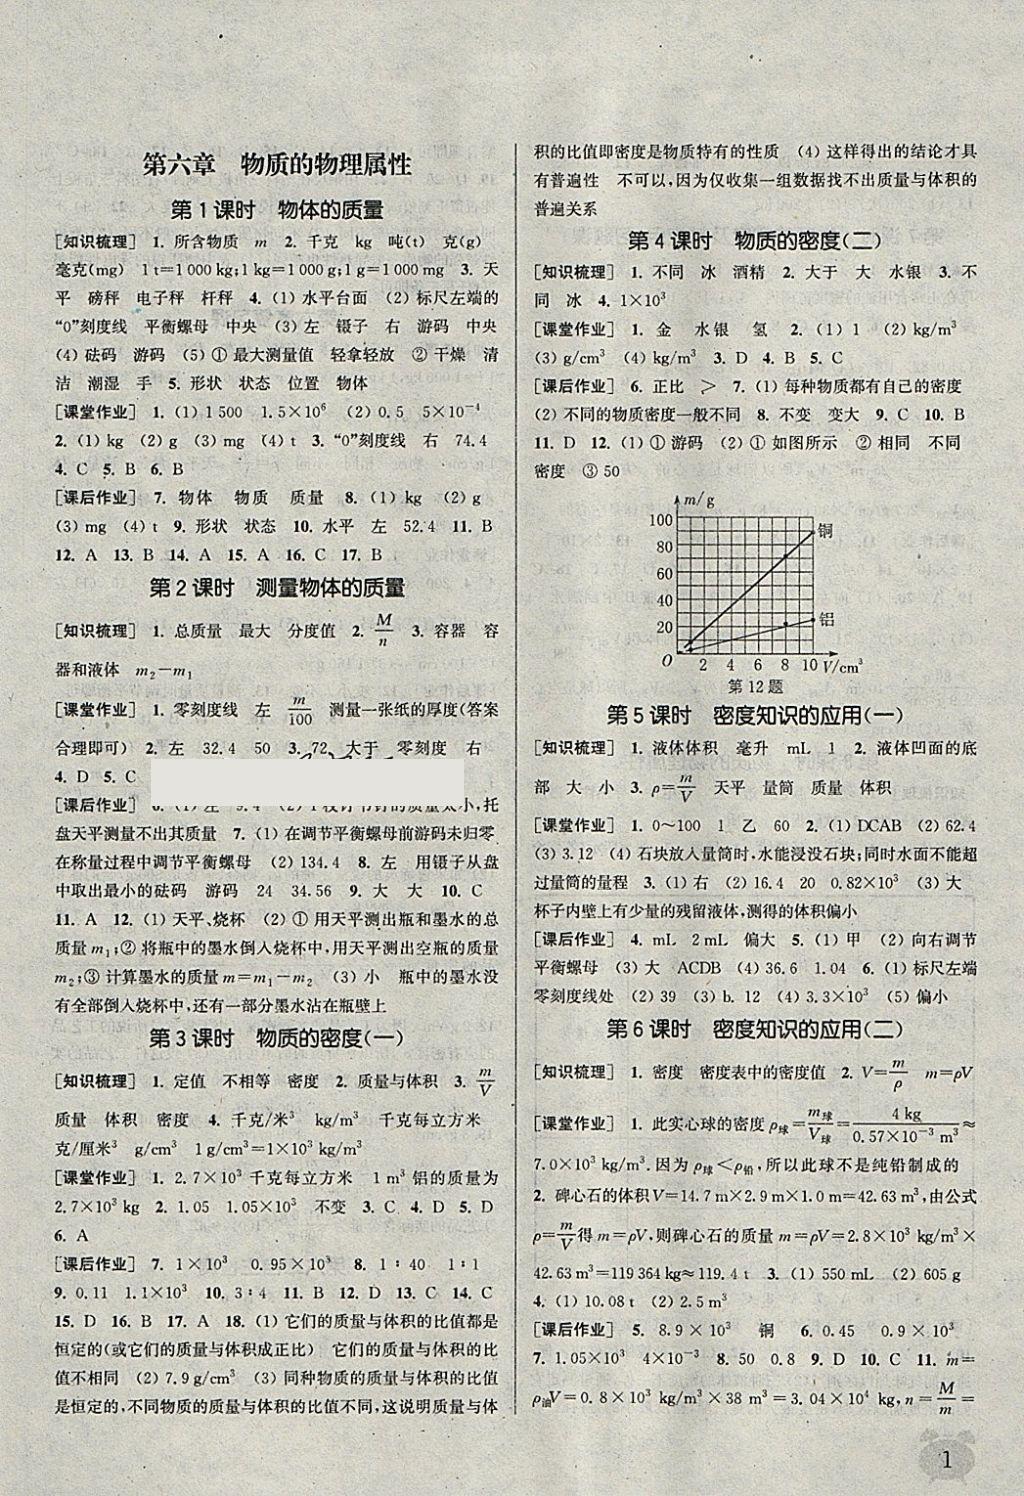 2018年通城学典课时作业本八年级物理下册苏科版江苏专用参考答案第1页